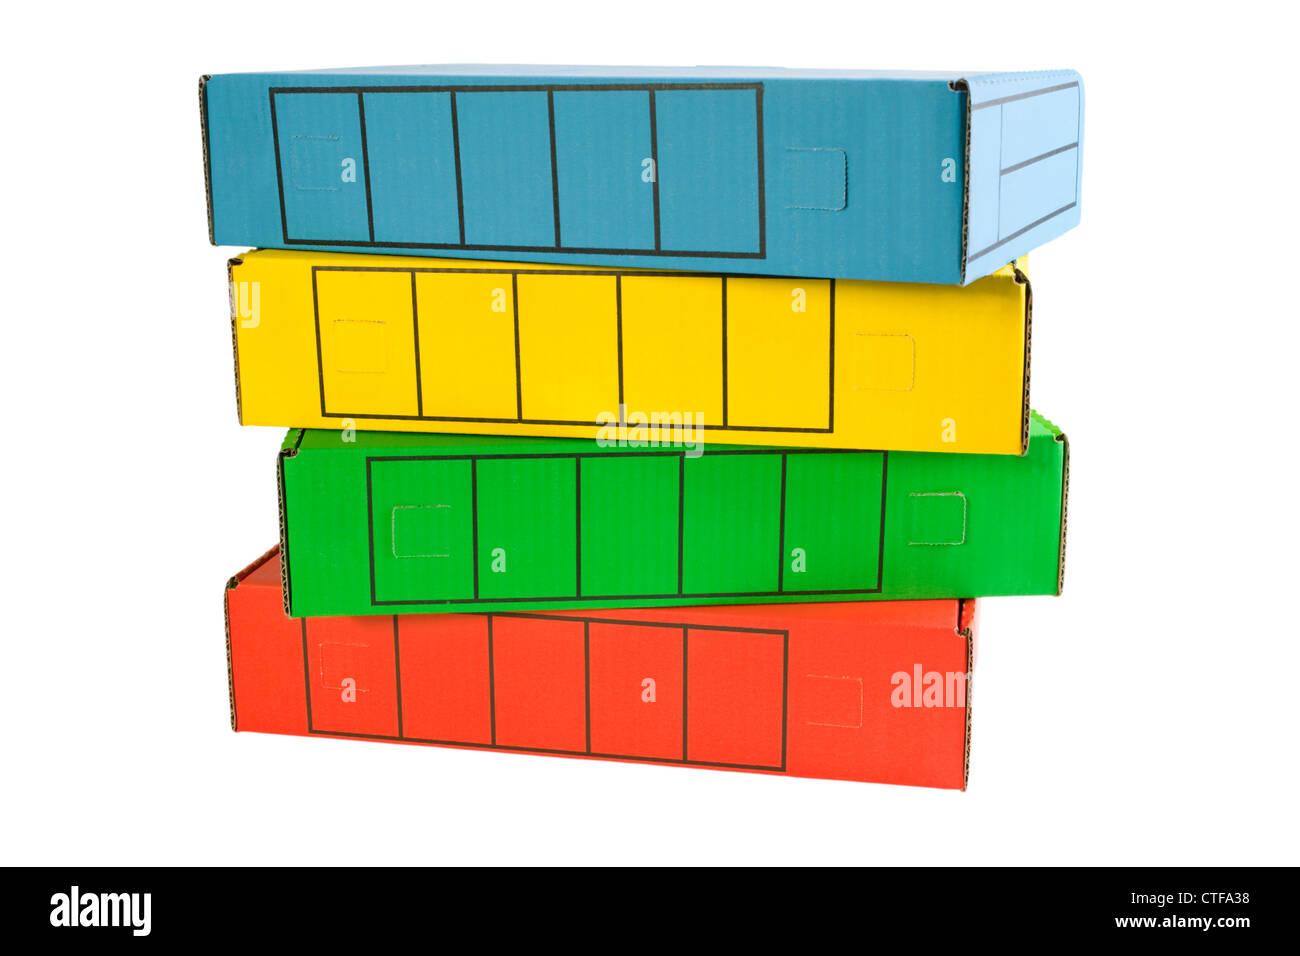 Ein Haufen von Archiv-Boxen in hellen Farben. Clipping-Pfad Stockbild